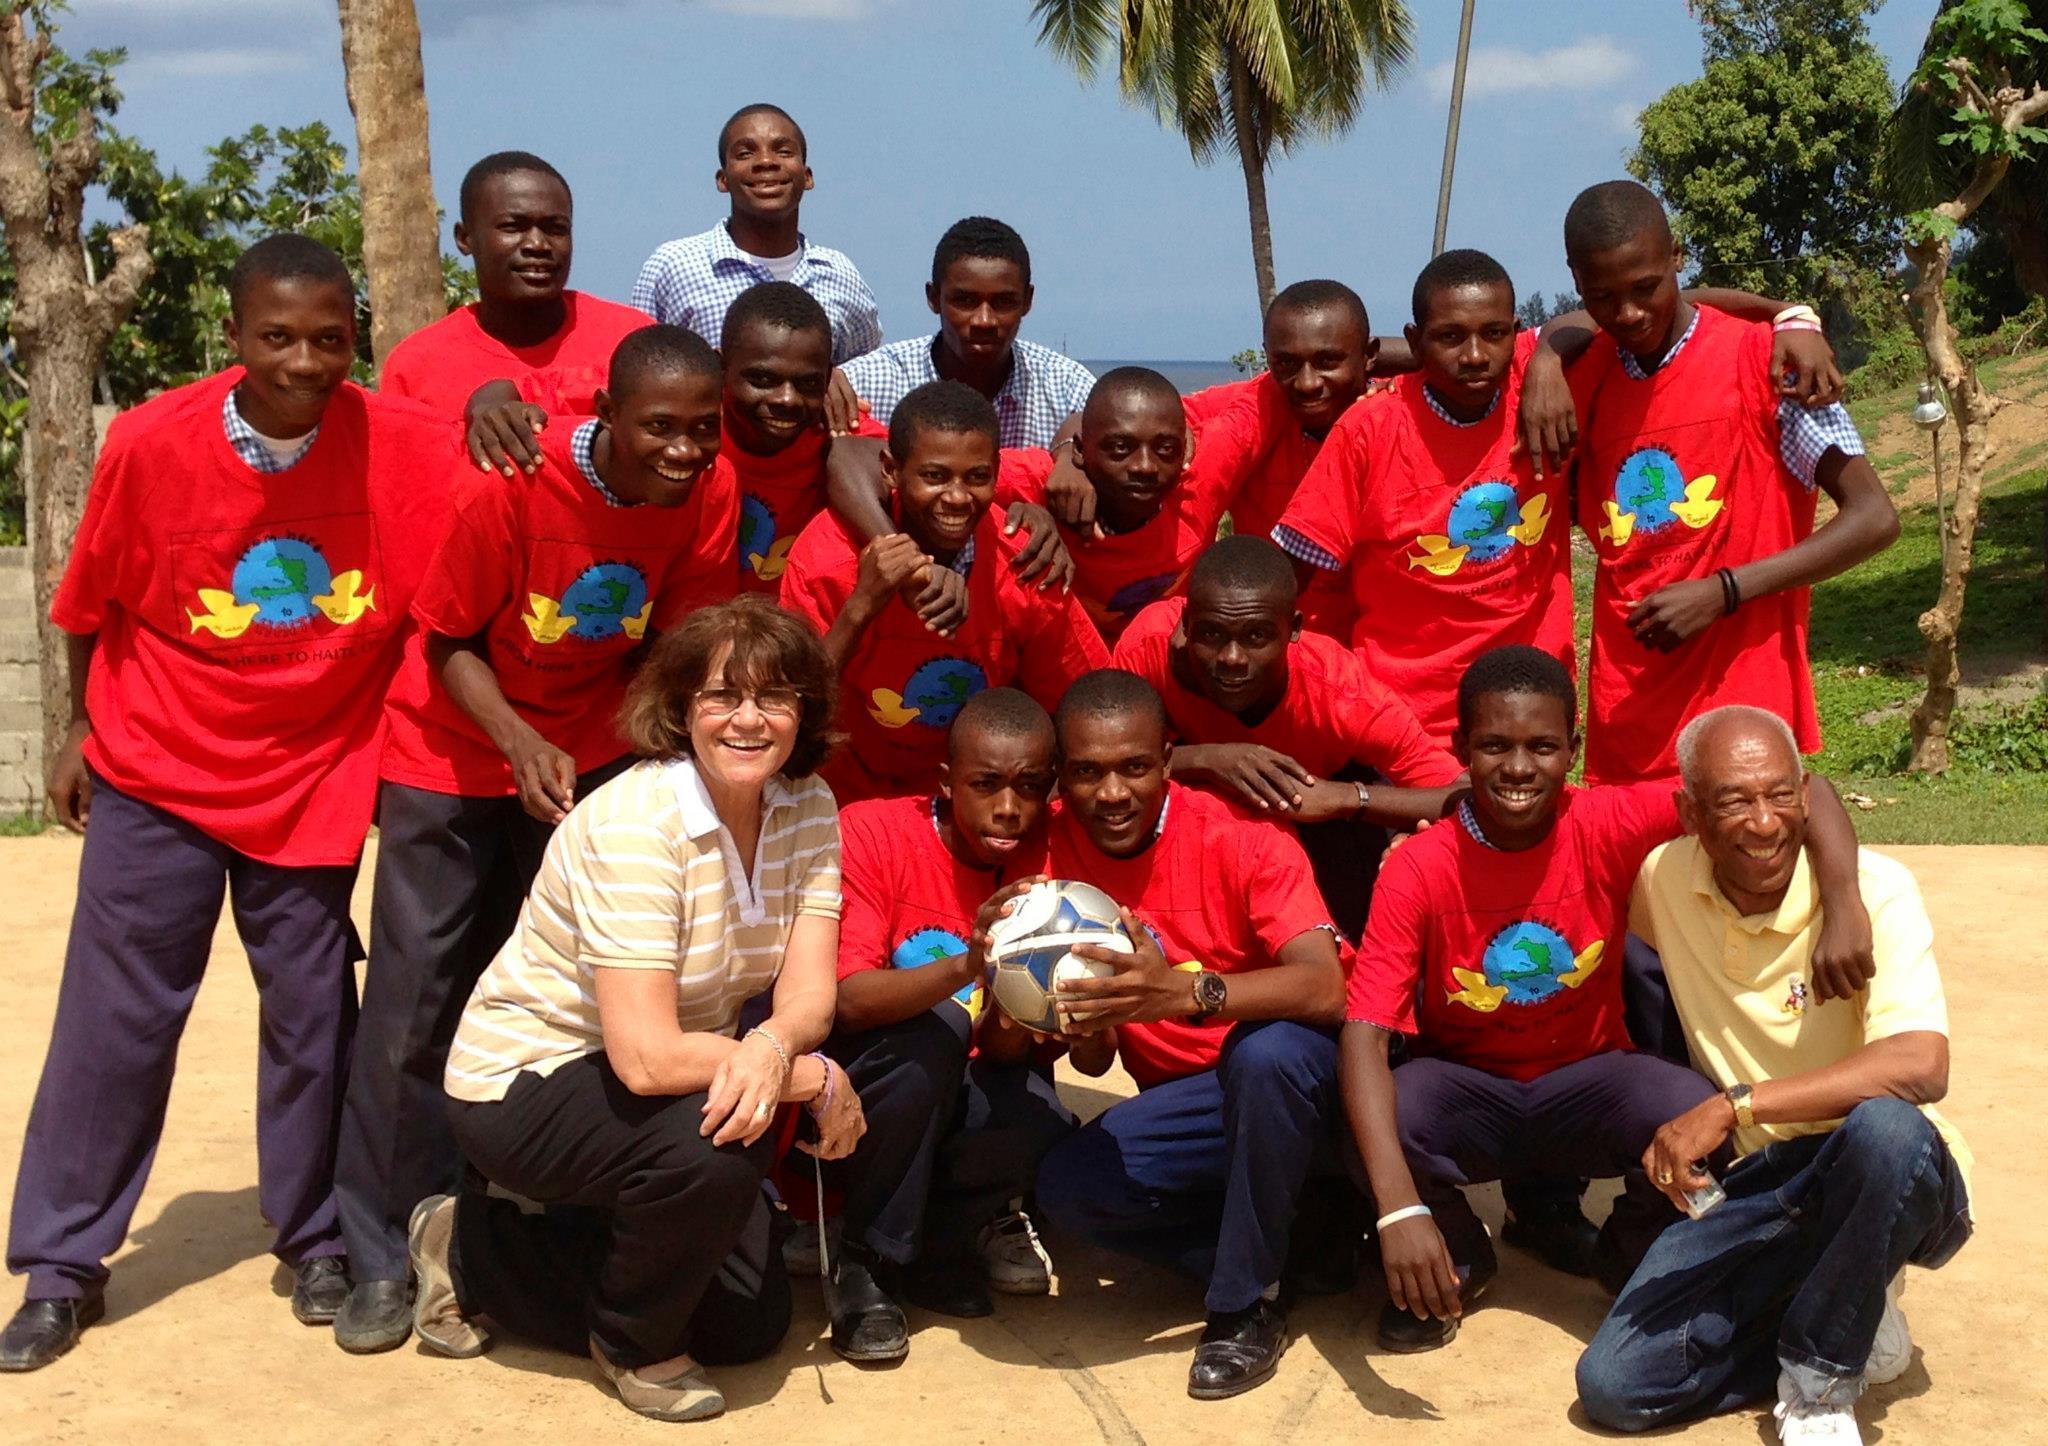 FHTH soccer team